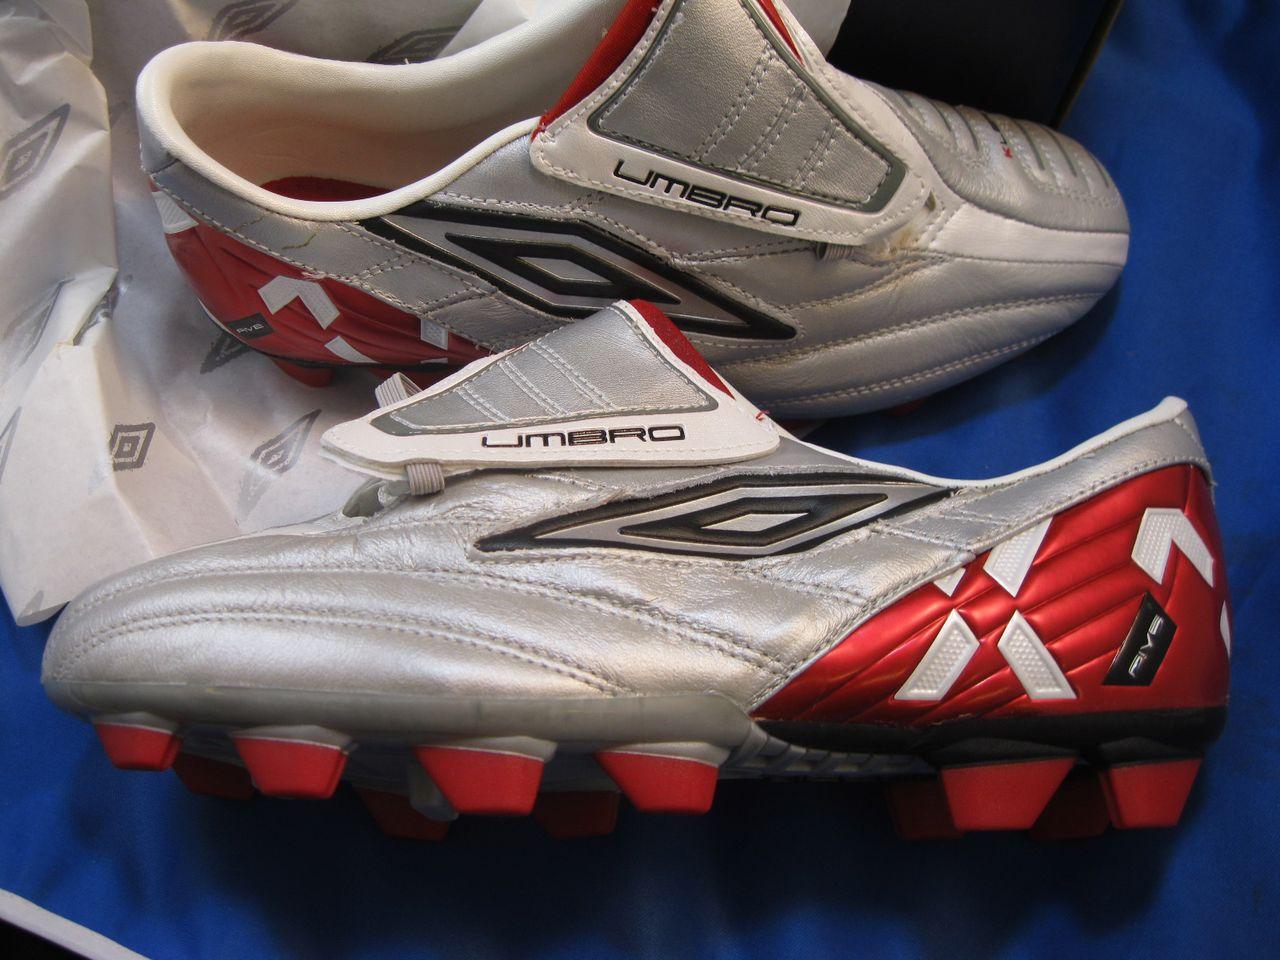 UMBRO Xai V Prem-KL-A KTK FG Silver White Soccer Shoes   eBay